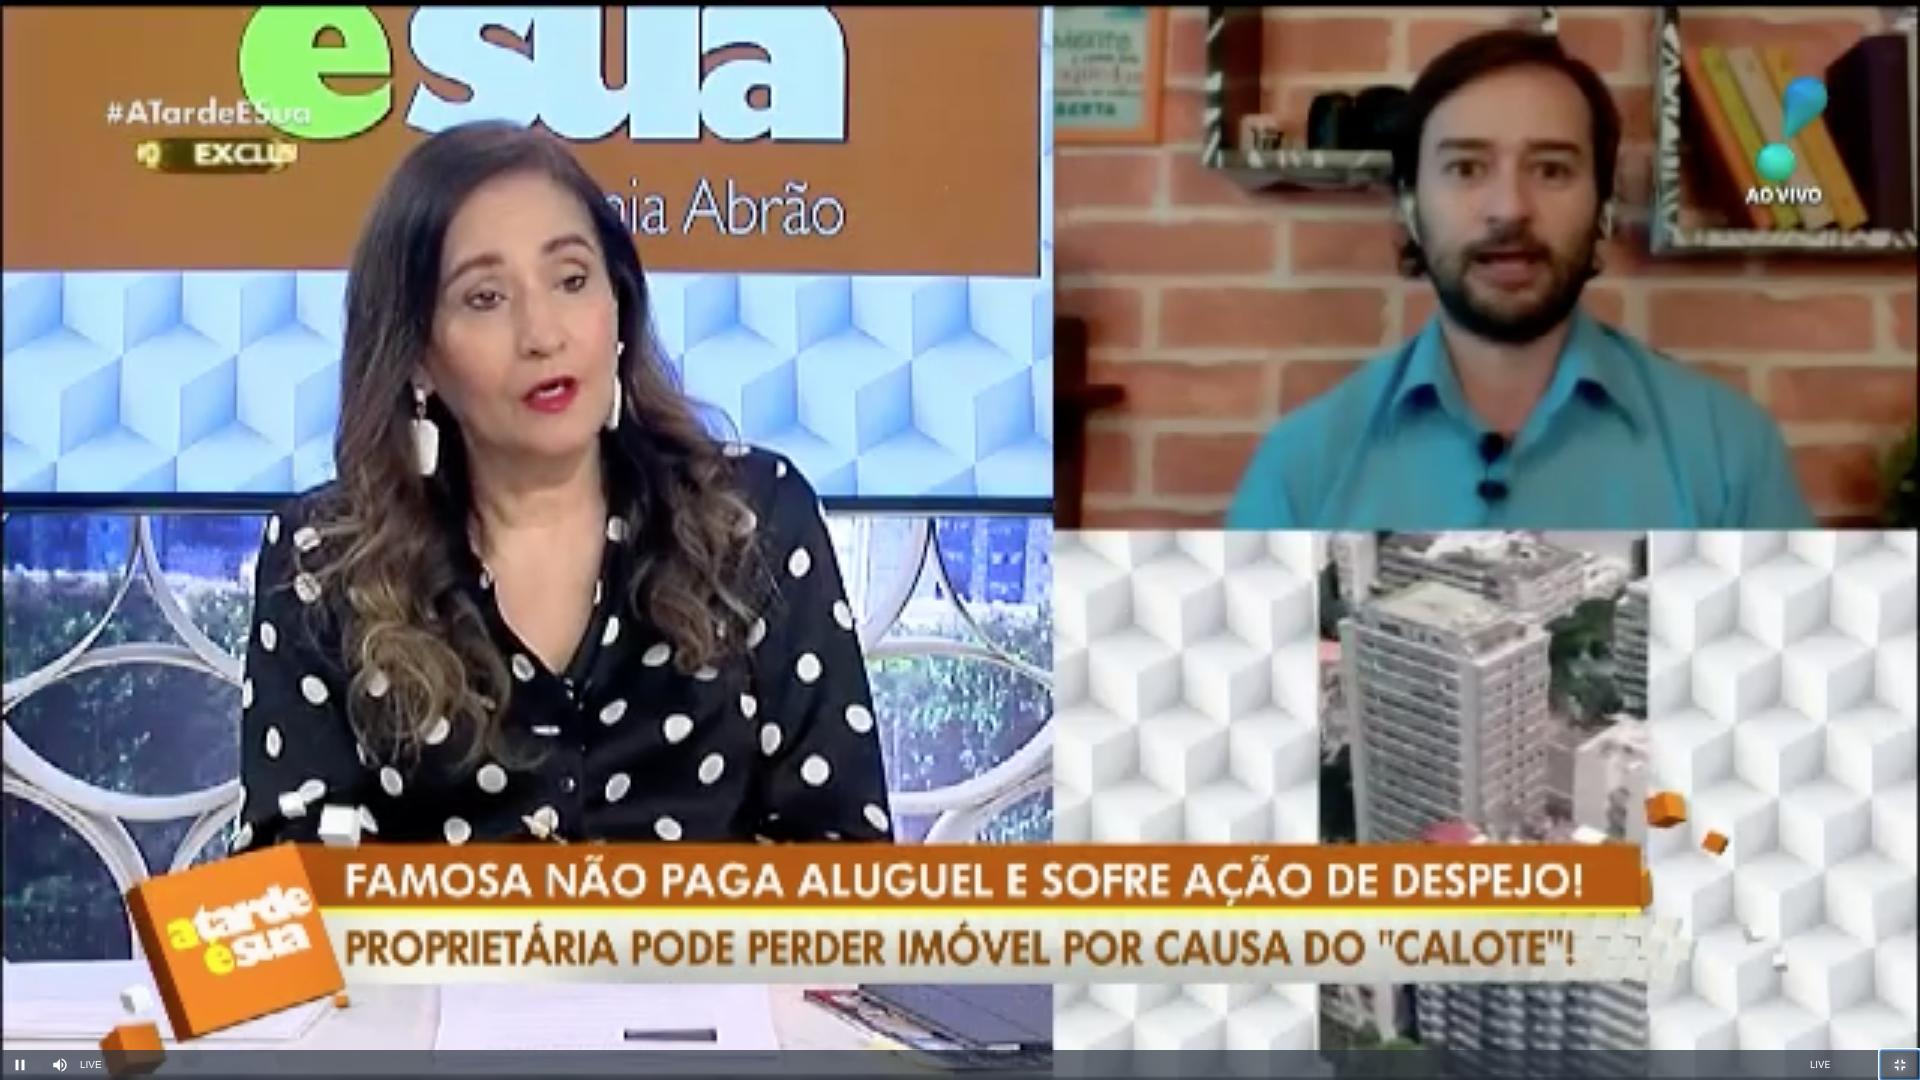 Sonia Abrão e Alessandro Lo-Bianco no programa ao vivo (Foto: Reprodução)